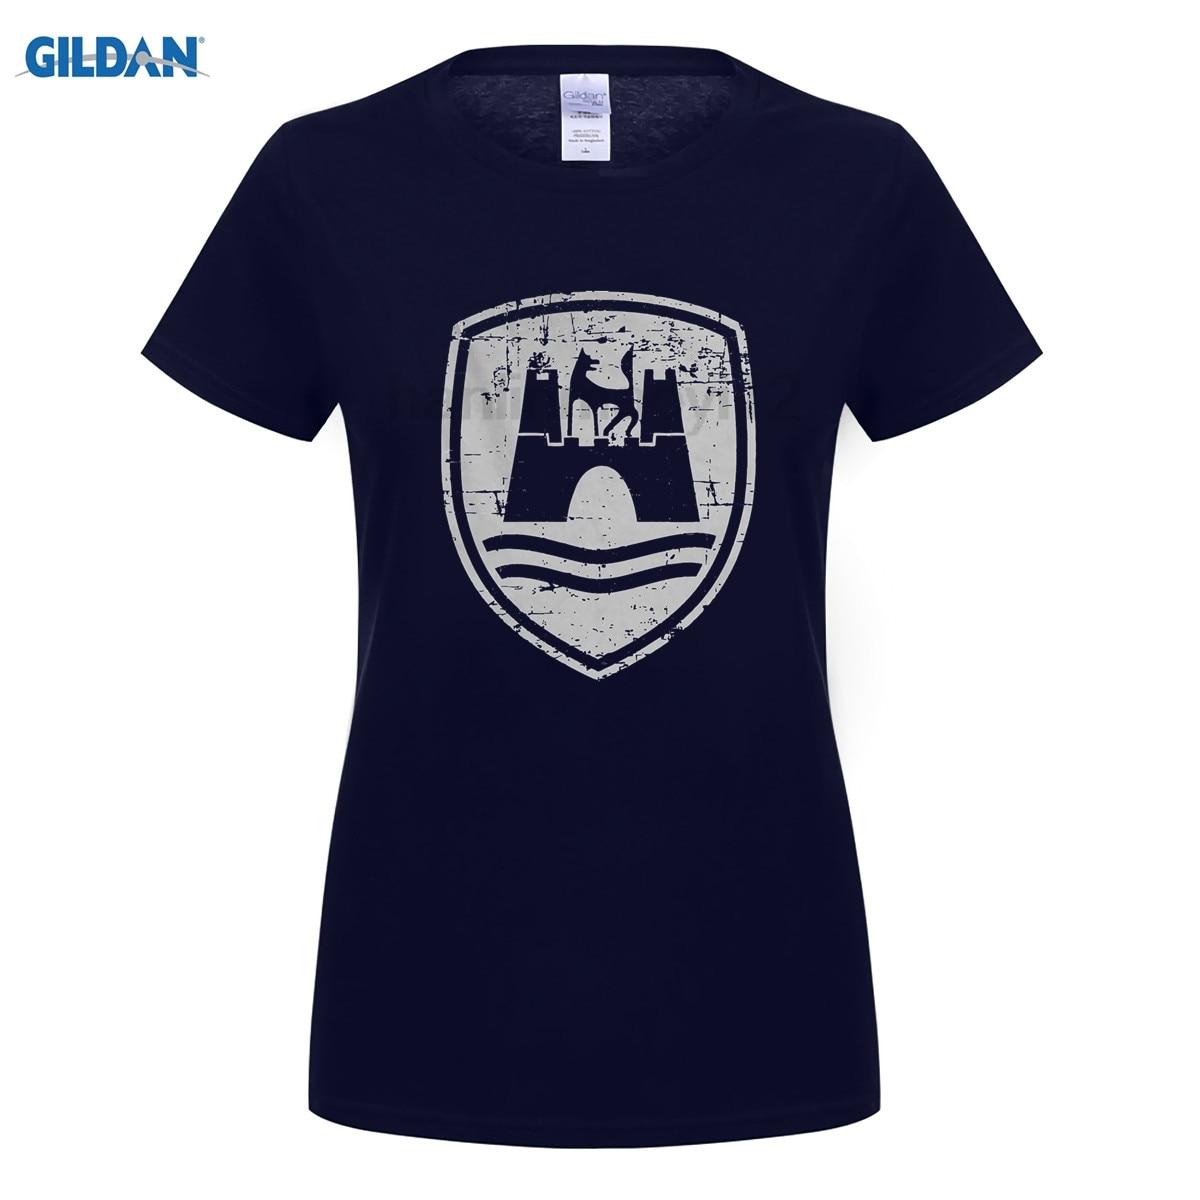 GILDAN Classico Di Wolfsburg, Uomo Campervan T-shirt Cotton T-Shirt Fashion T Shirt for women